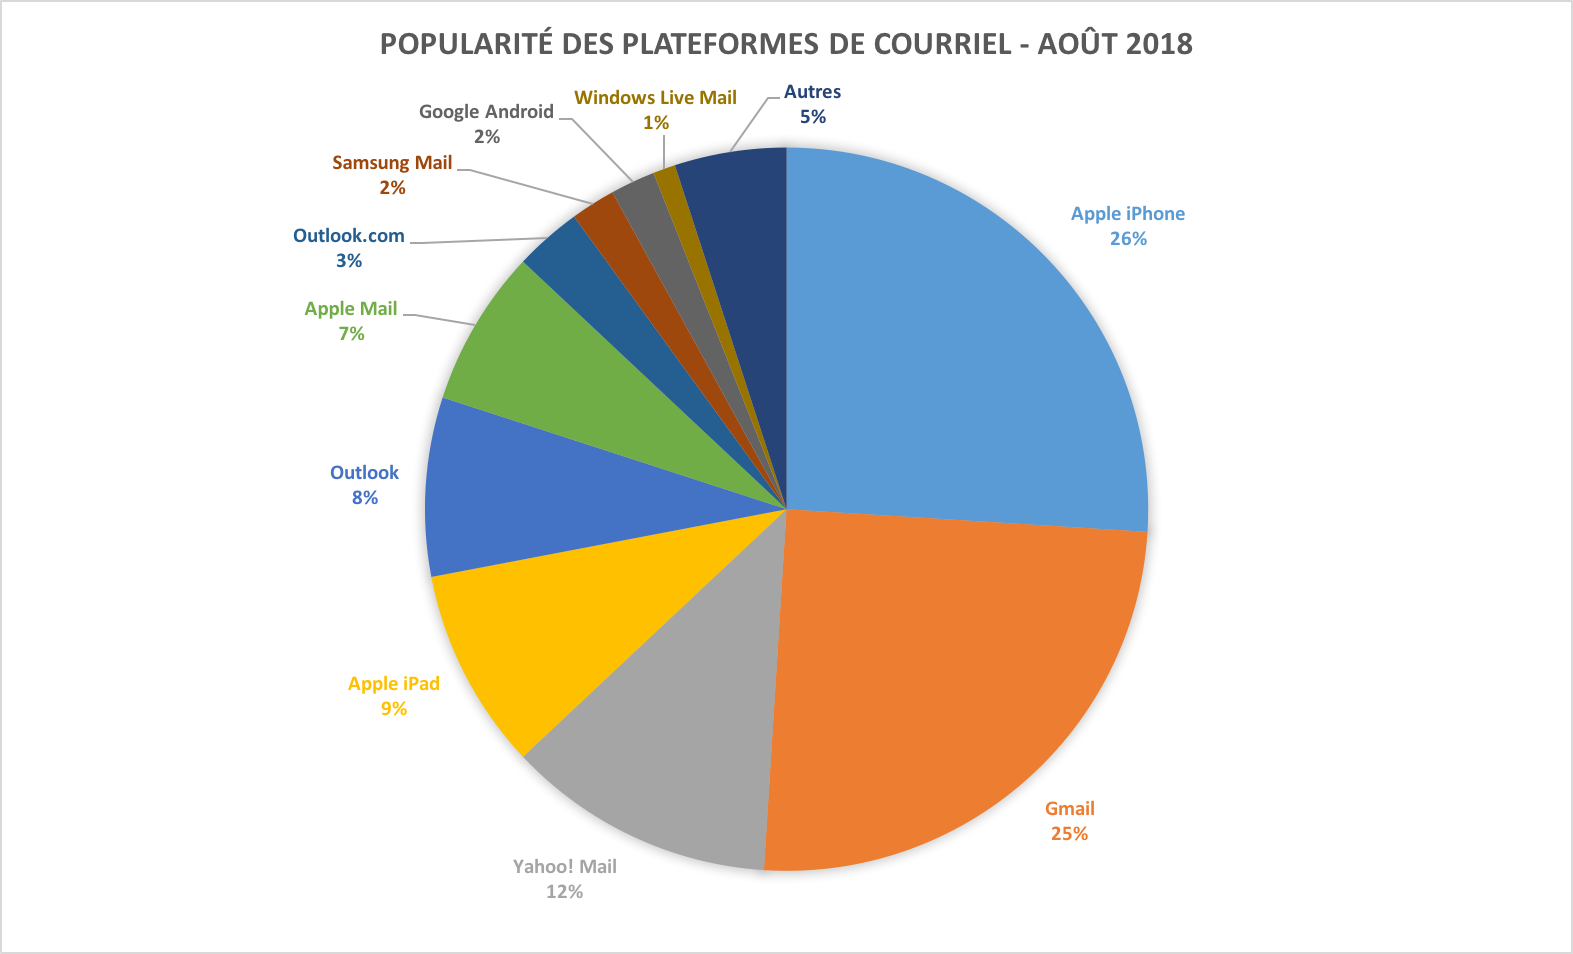 Popularité des plateformes de courriel Août 2018